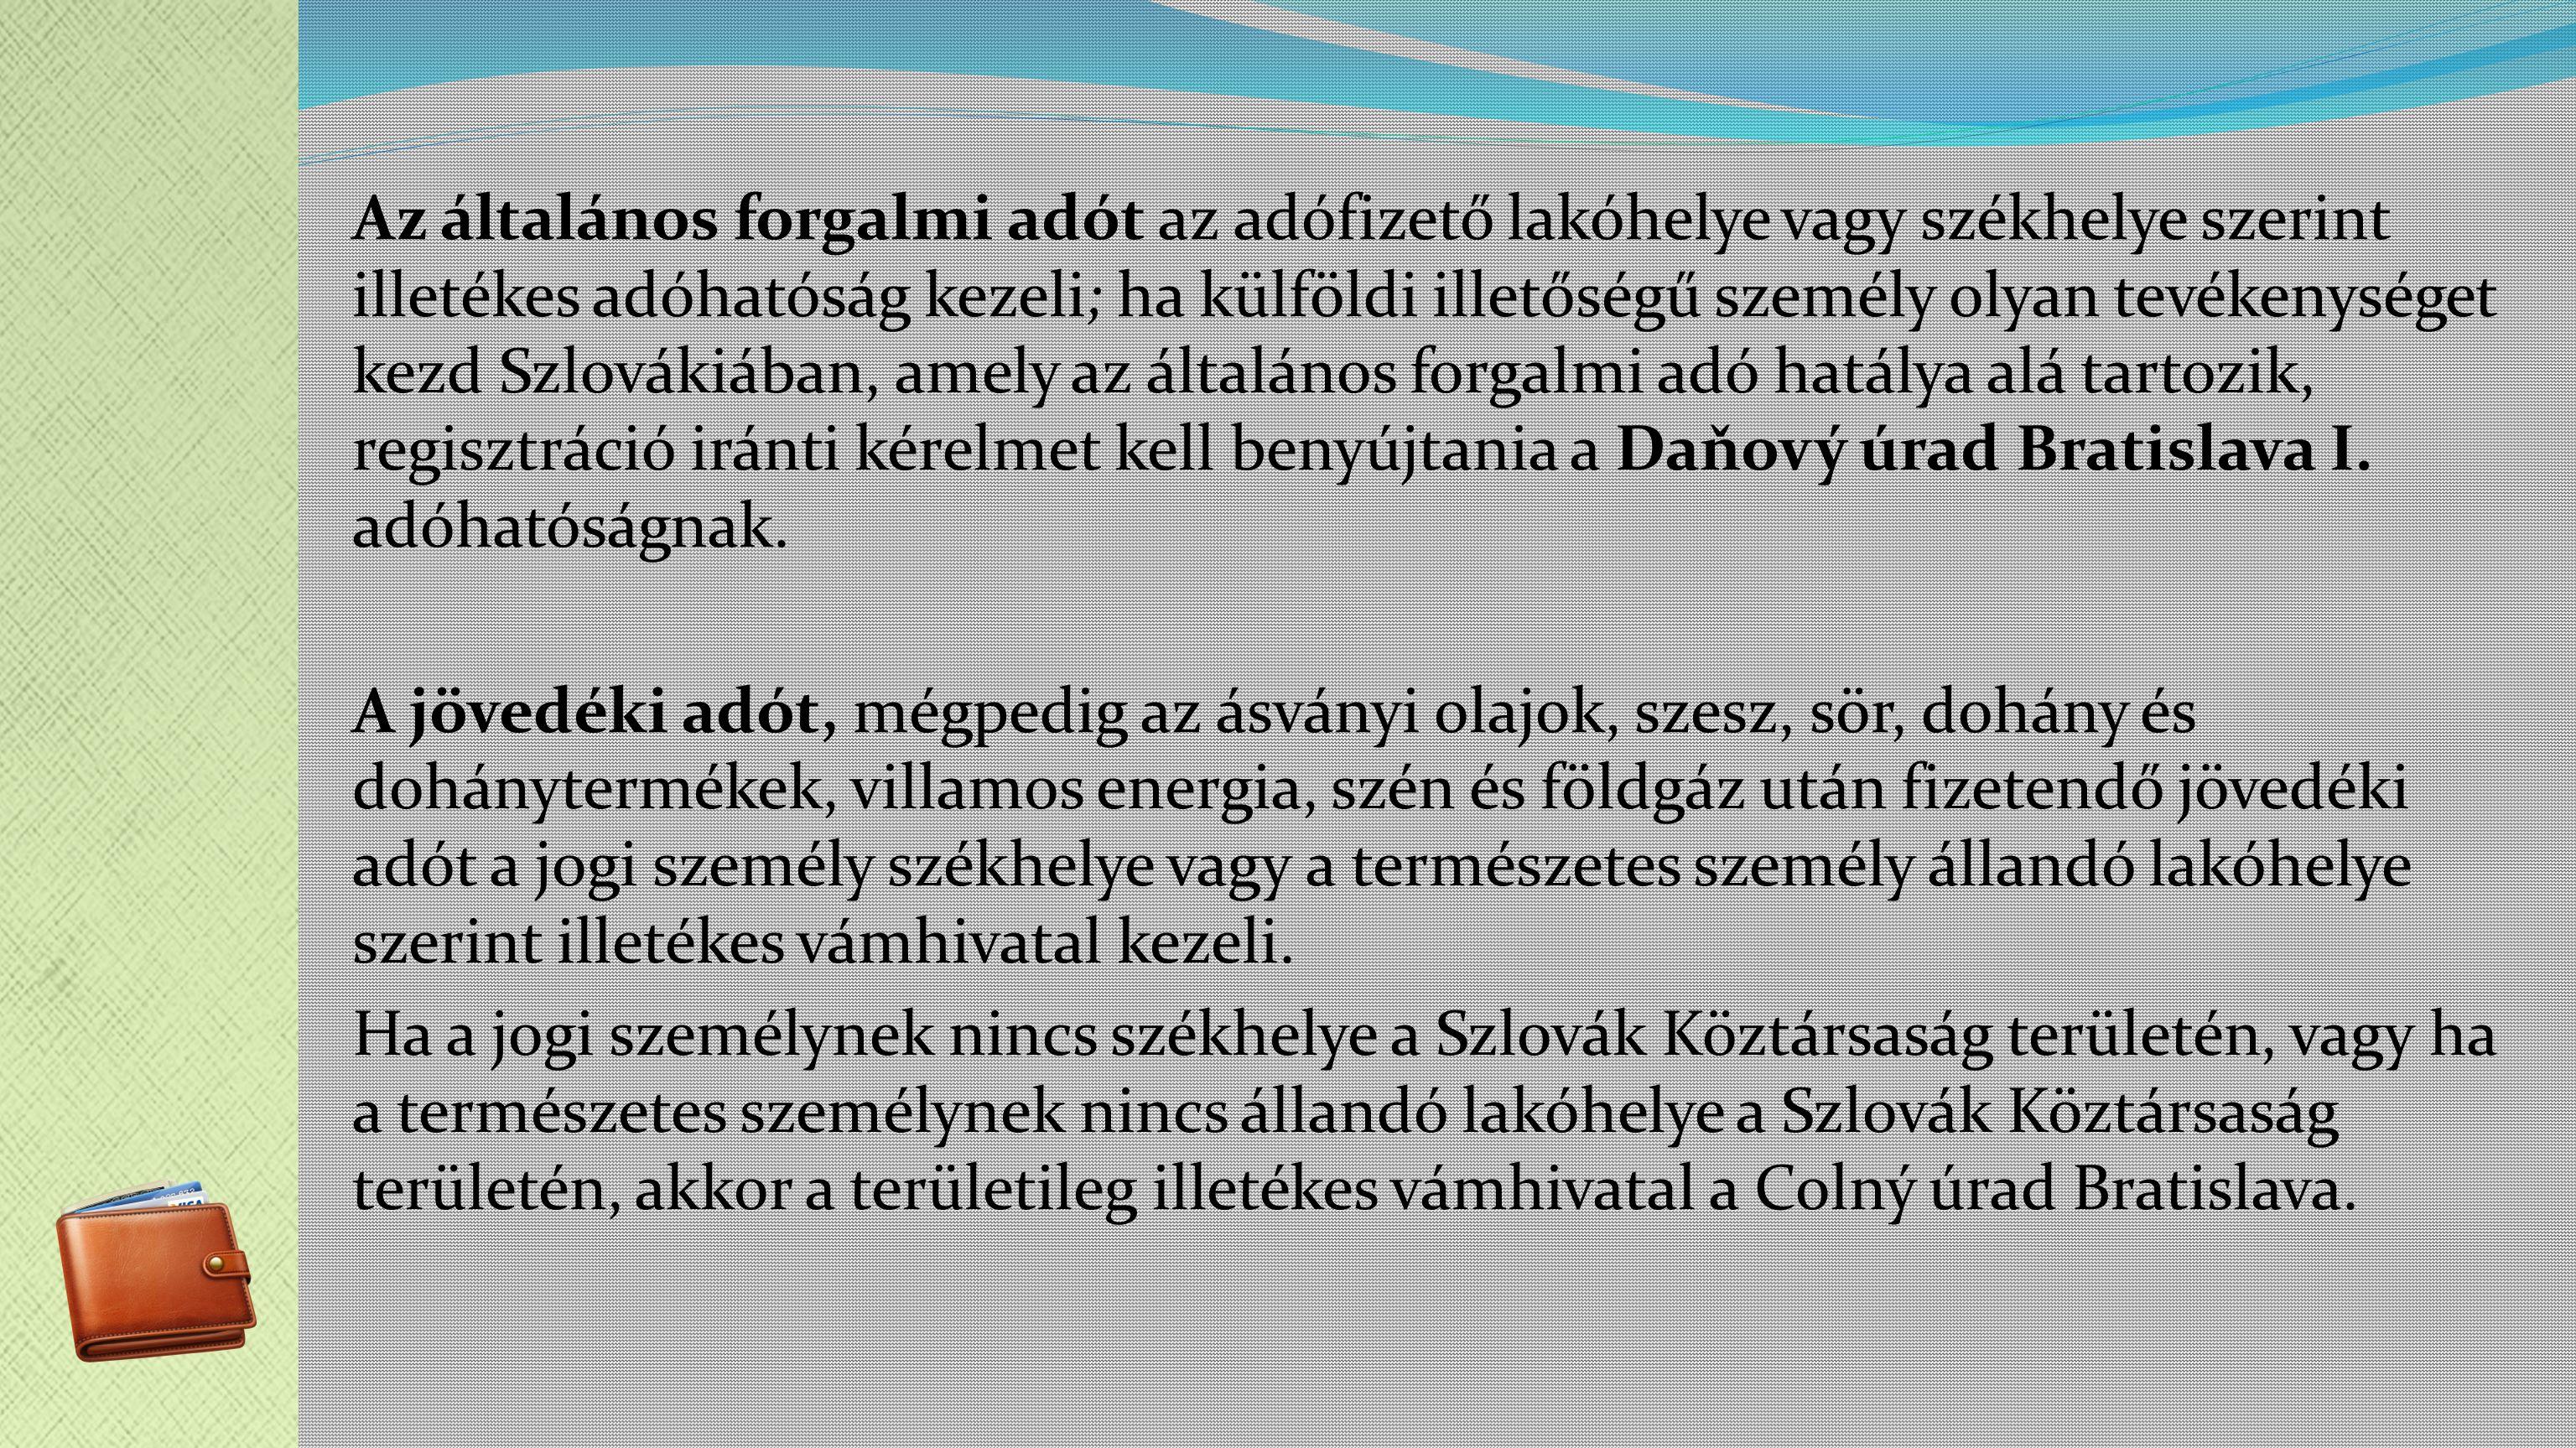 Az általános forgalmi adót az adófizető lakóhelye vagy székhelye szerint illetékes adóhatóság kezeli; ha külföldi illetőségű személy olyan tevékenységet kezd Szlovákiában, amely az általános forgalmi adó hatálya alá tartozik, regisztráció iránti kérelmet kell benyújtania a Daňový úrad Bratislava I.